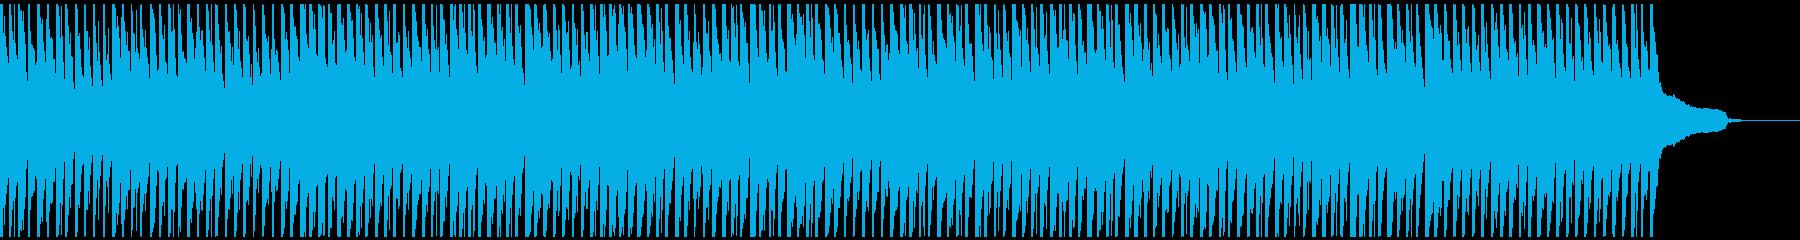 徐々に元気が出てくる曲の再生済みの波形